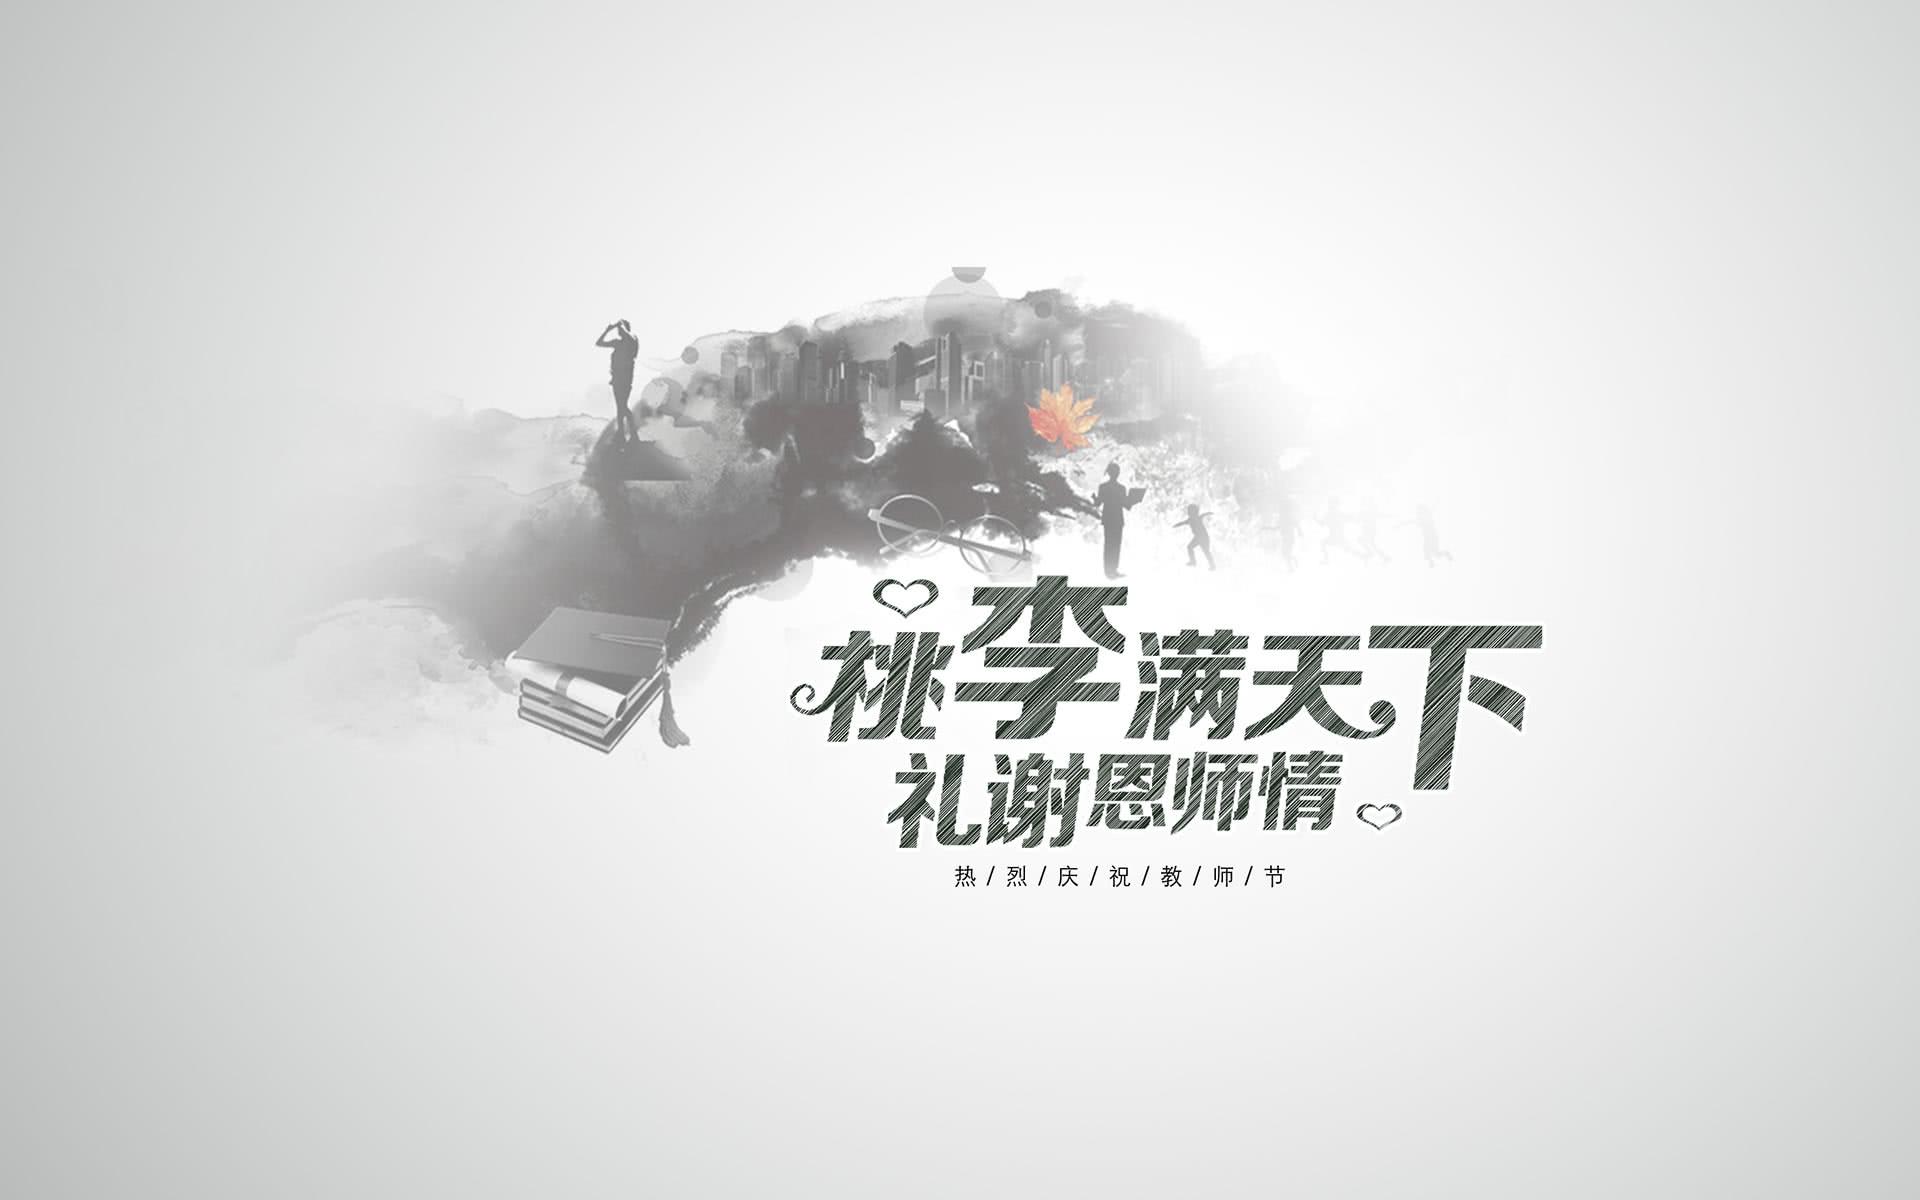 <b>2019年教师节微信祝福语,教师节短信祝福精选</b>